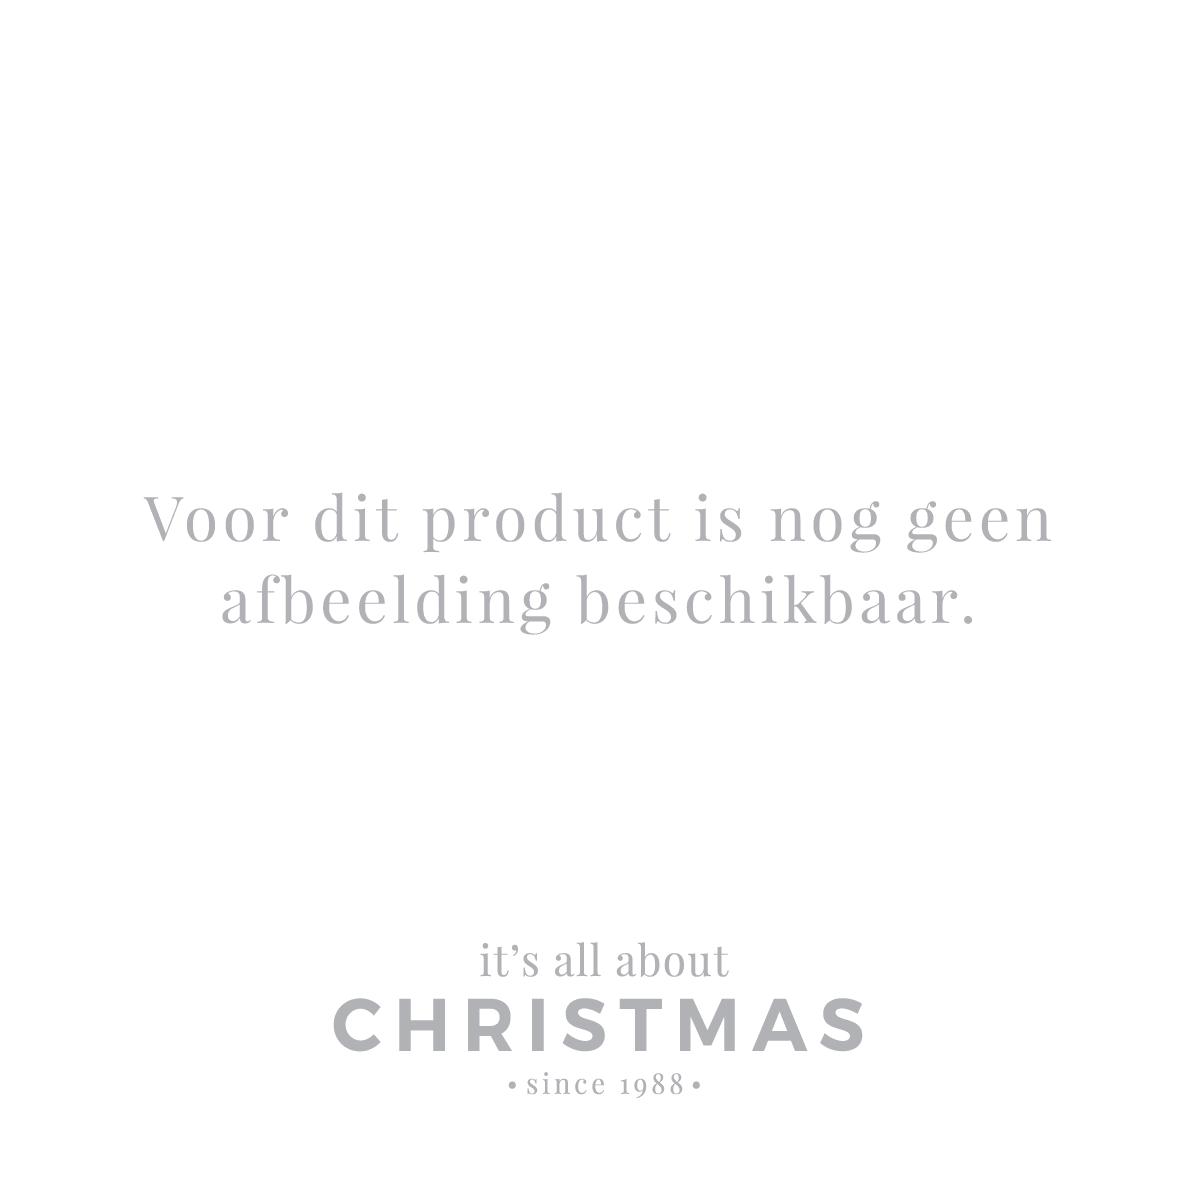 Luxe Kerstfiguur Rode Auto Met Kerstboom It S All About Christmas Kerstversiering Be